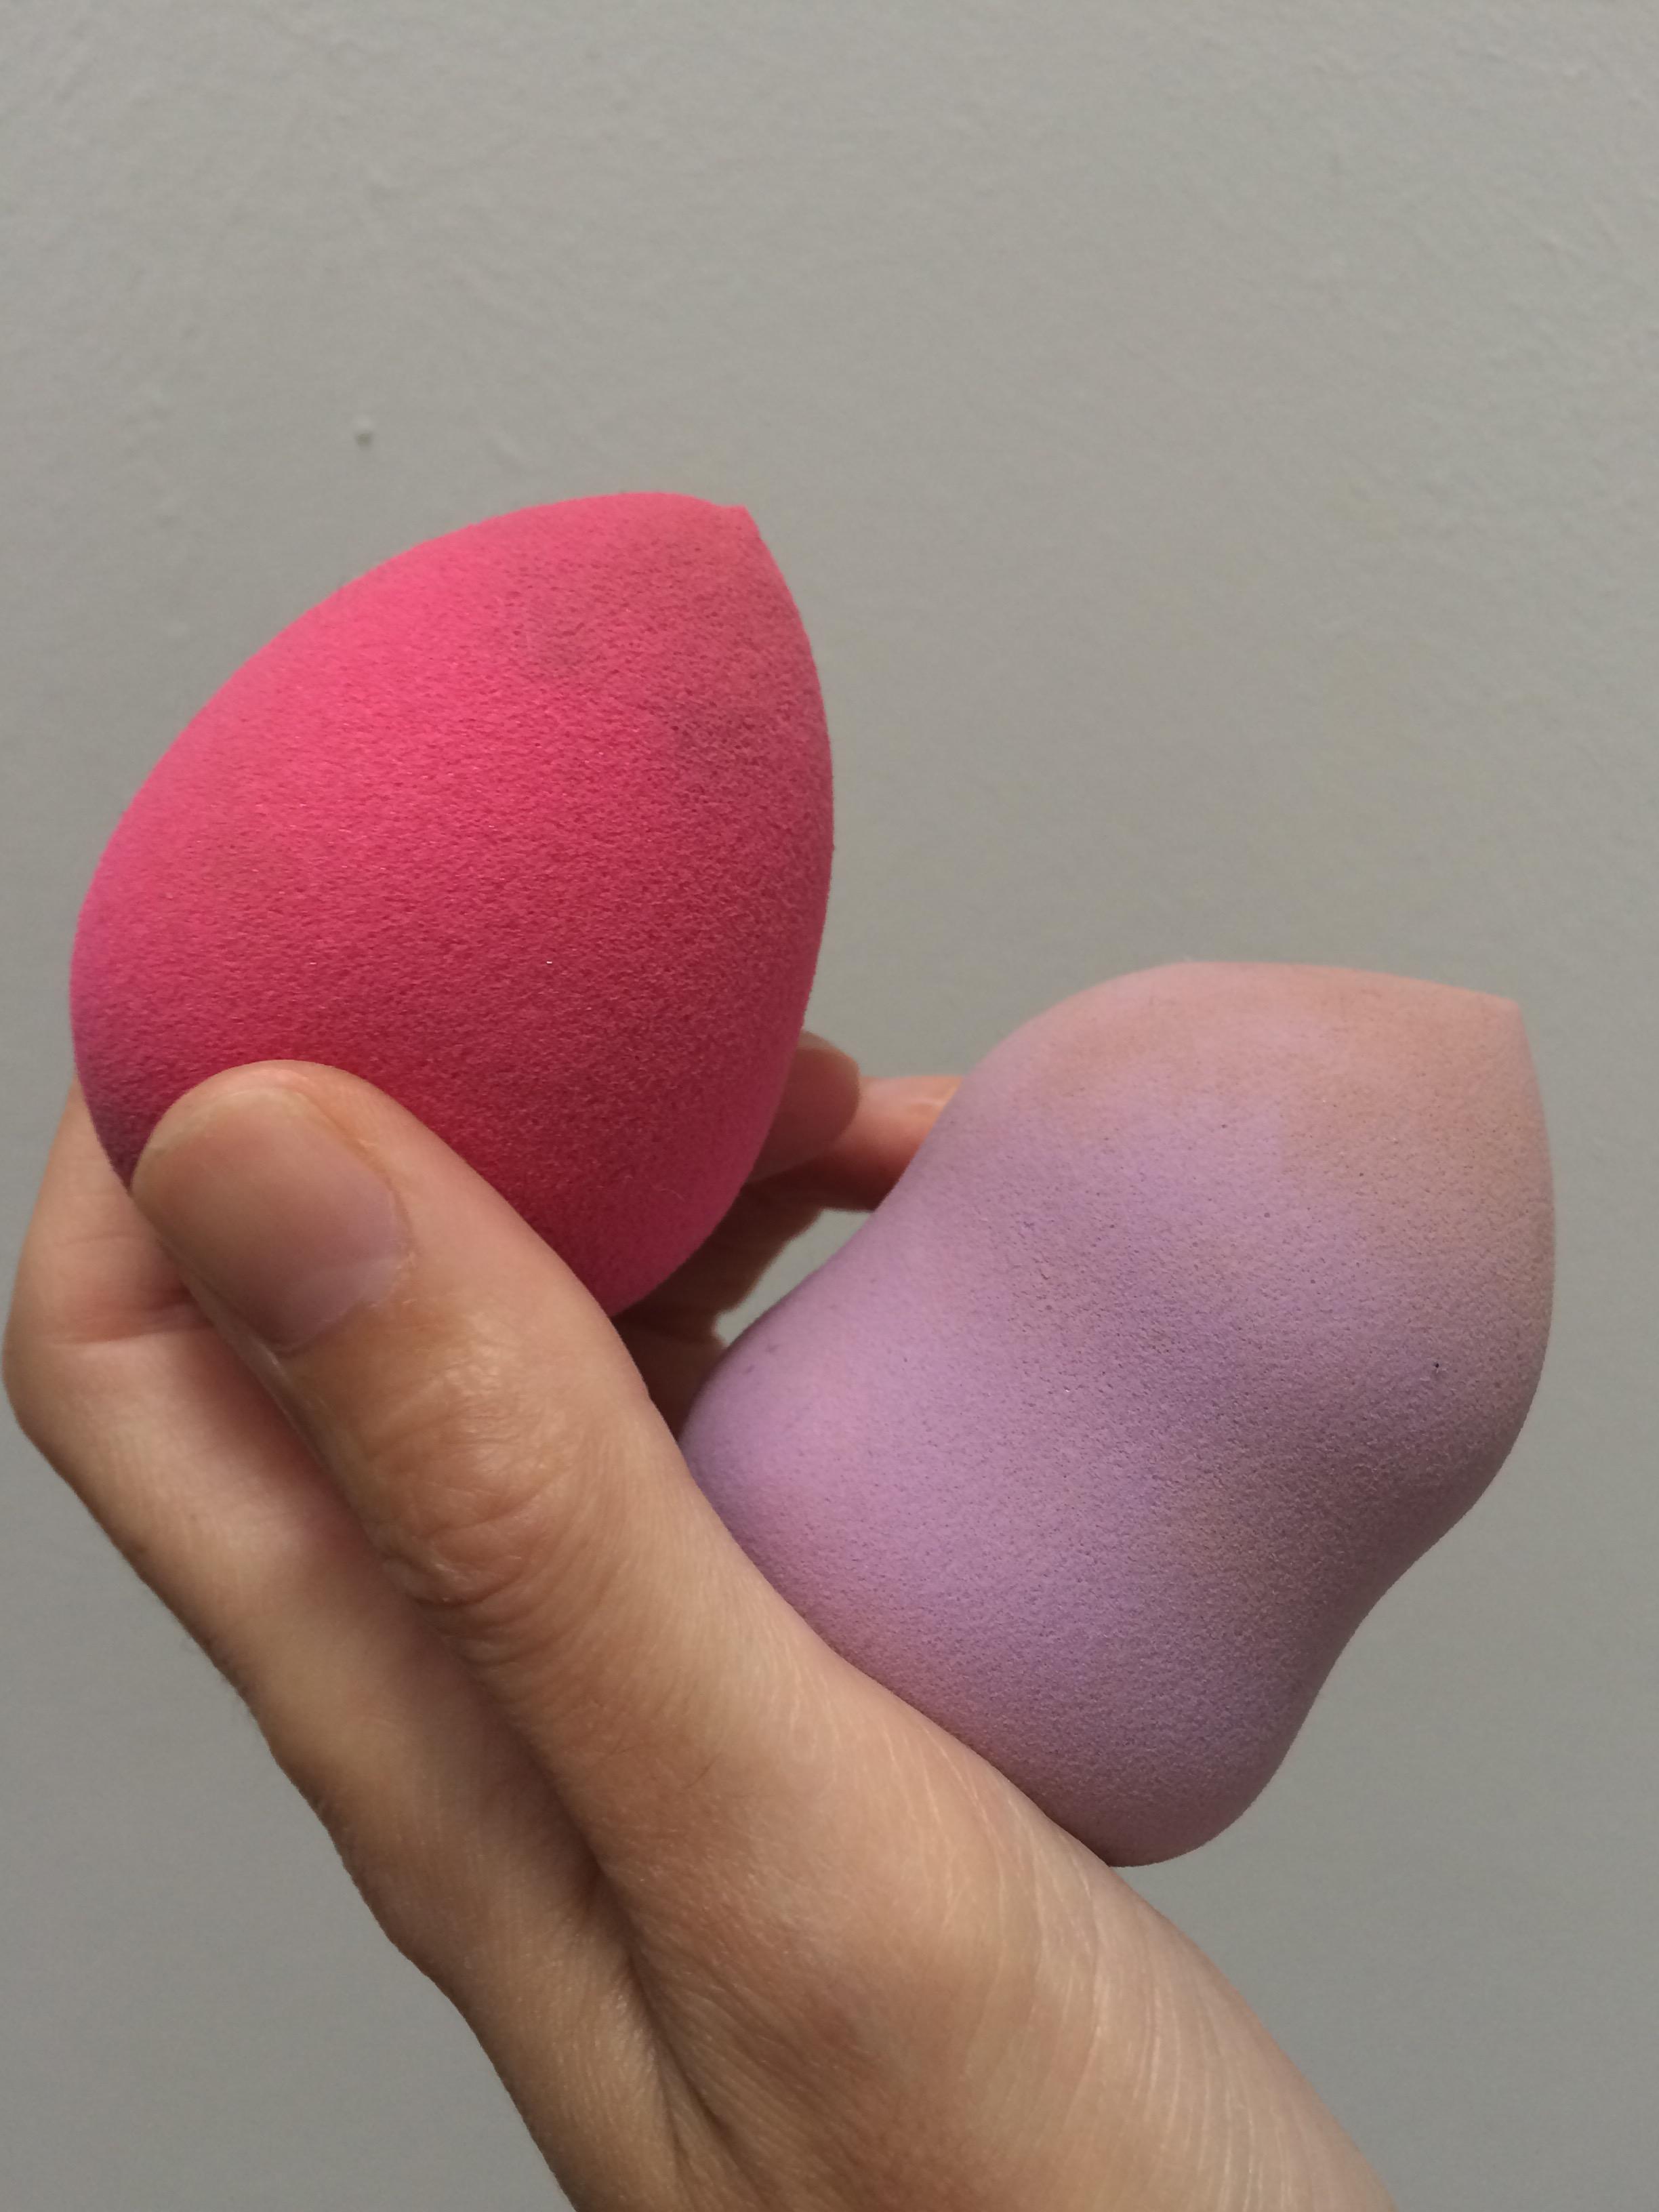 foundation application bblending sponges kiko superdrug